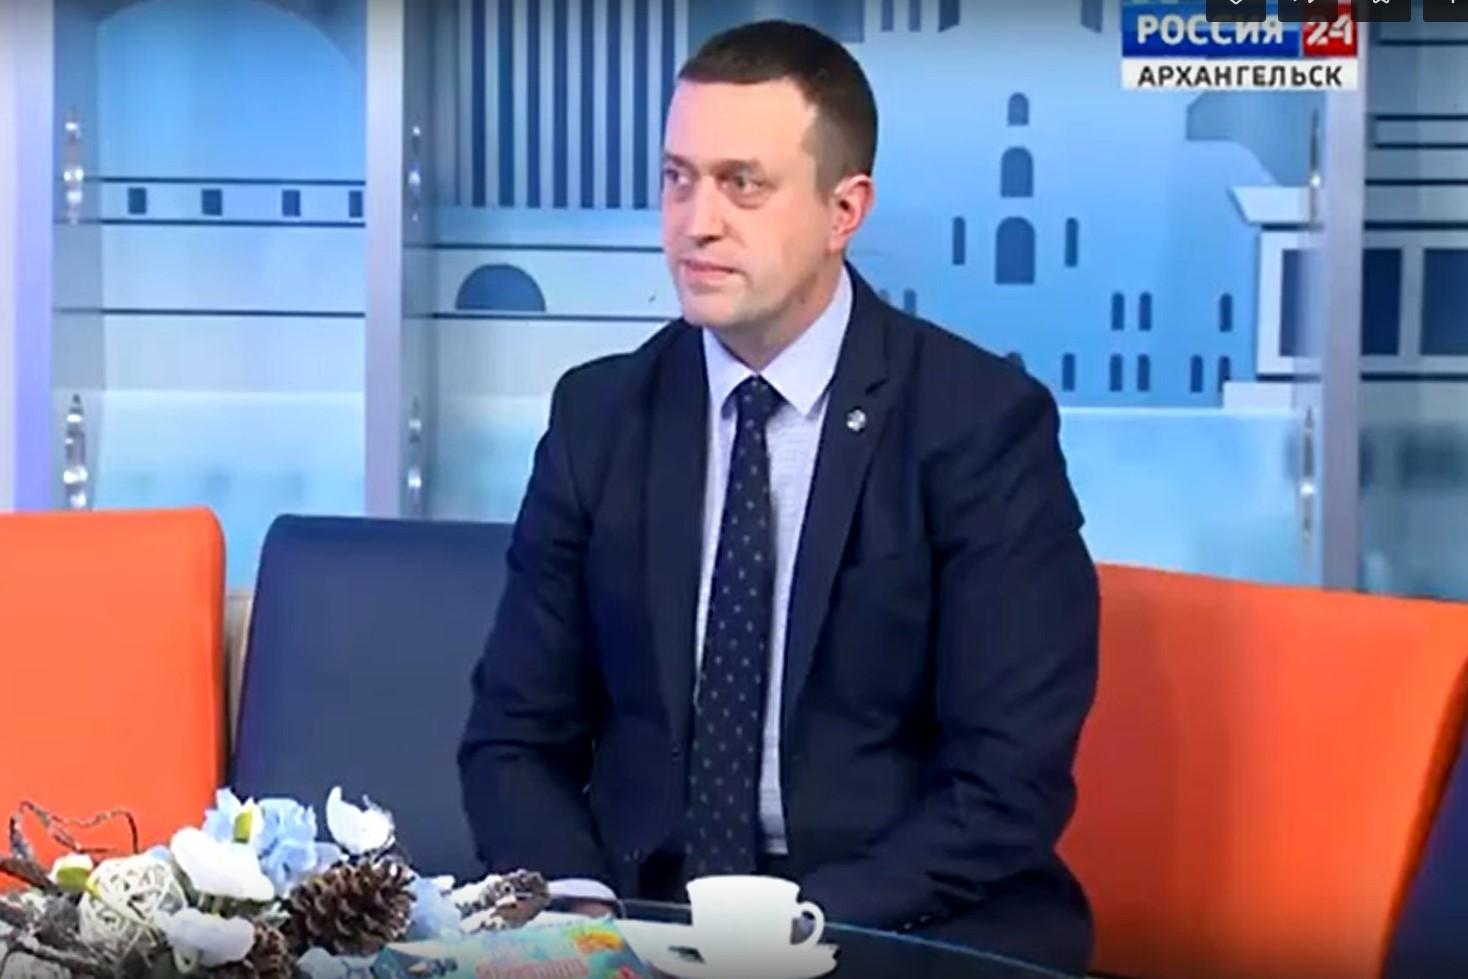 Ситуация на рынке труда и меры поддержки безработных граждан Поморья — интервью Федора Терентьева